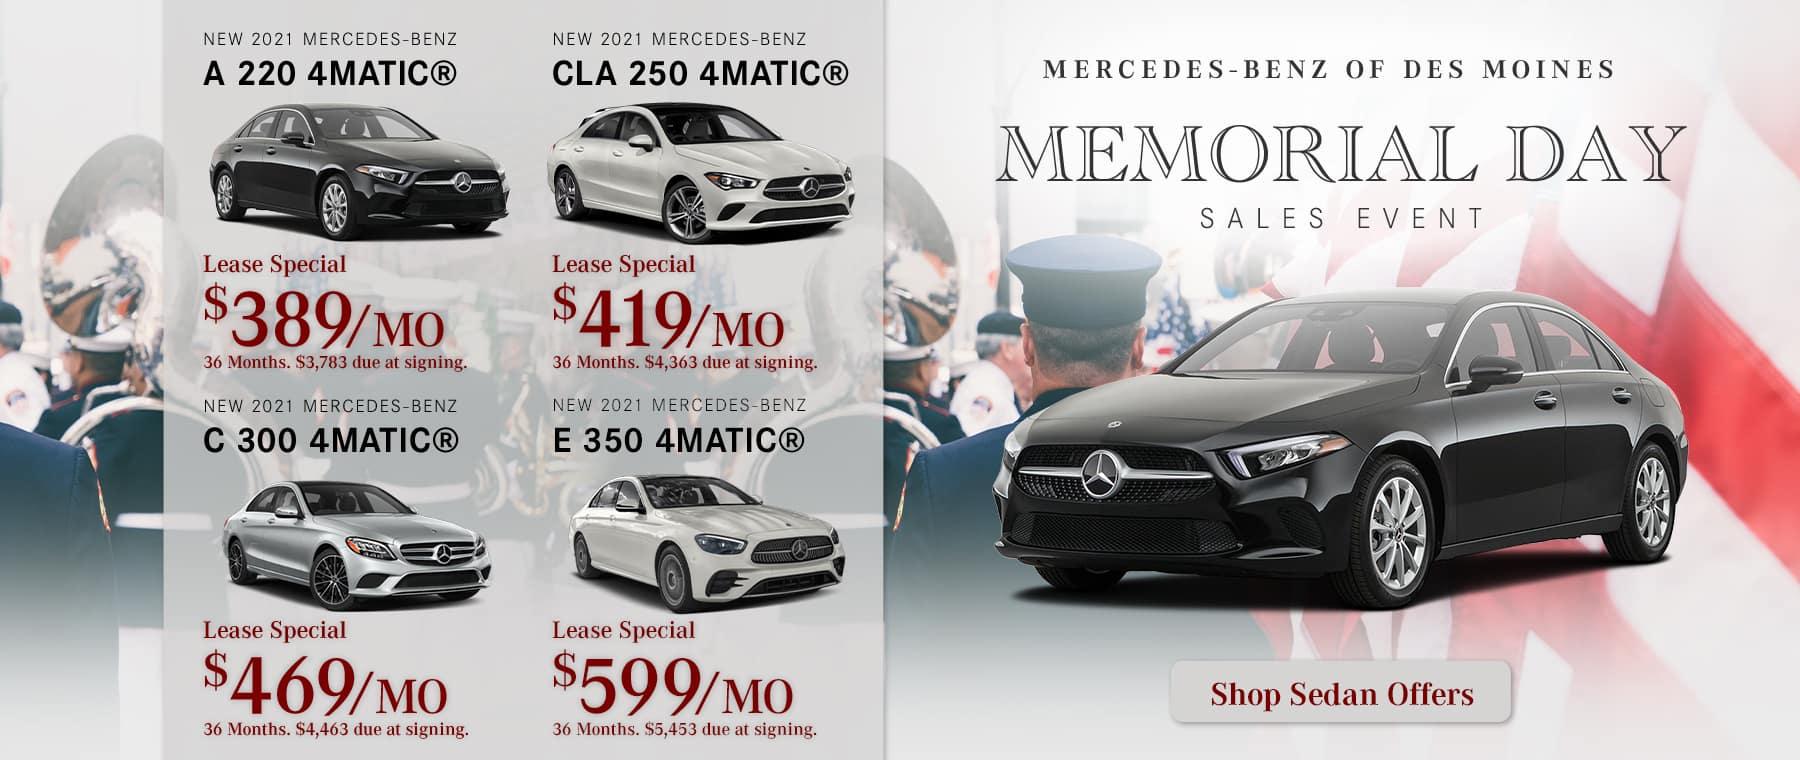 MDIA-21366-Homepage-1800×760-Sedans